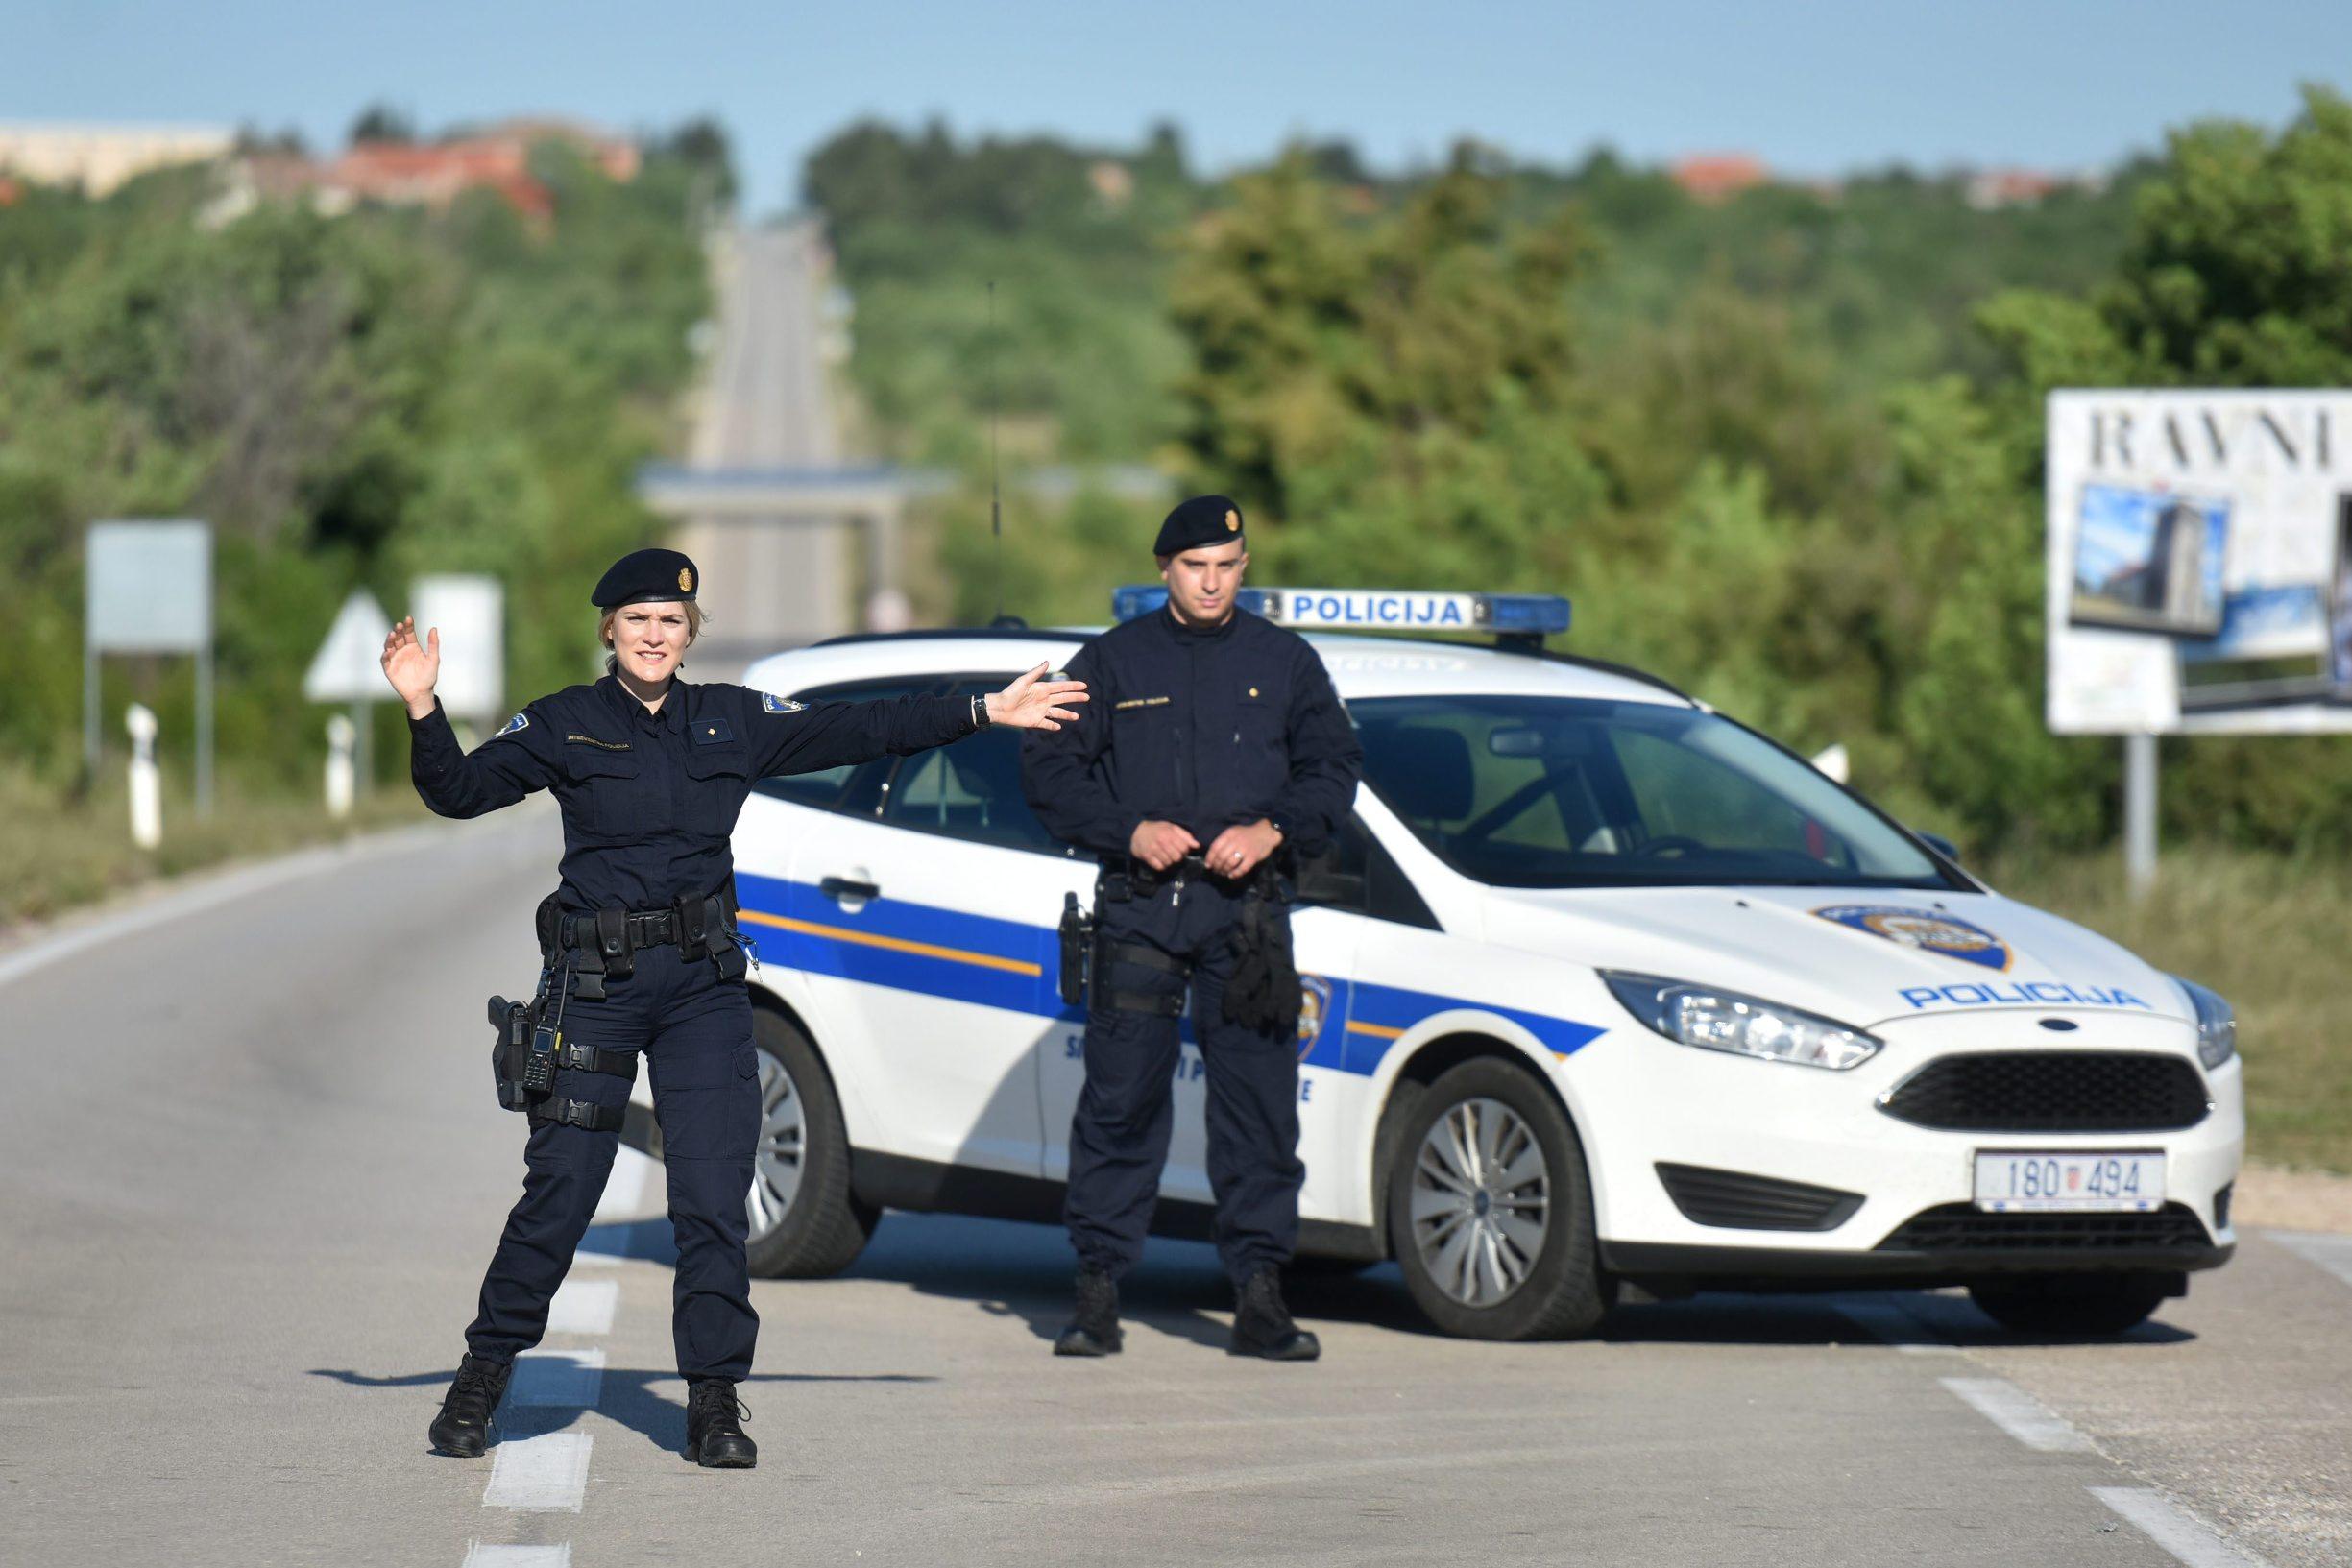 Biljane donje, Zadar, 070520. U padu vojnog skolskog aviona model Zlin kod mjesta Biljane donje stradalo je dvoje ljudi. Na fotografiji: policija je zatvorila prometnicu na ulazu u mjesto. Foto: Luka Gerlanc / CROPIX